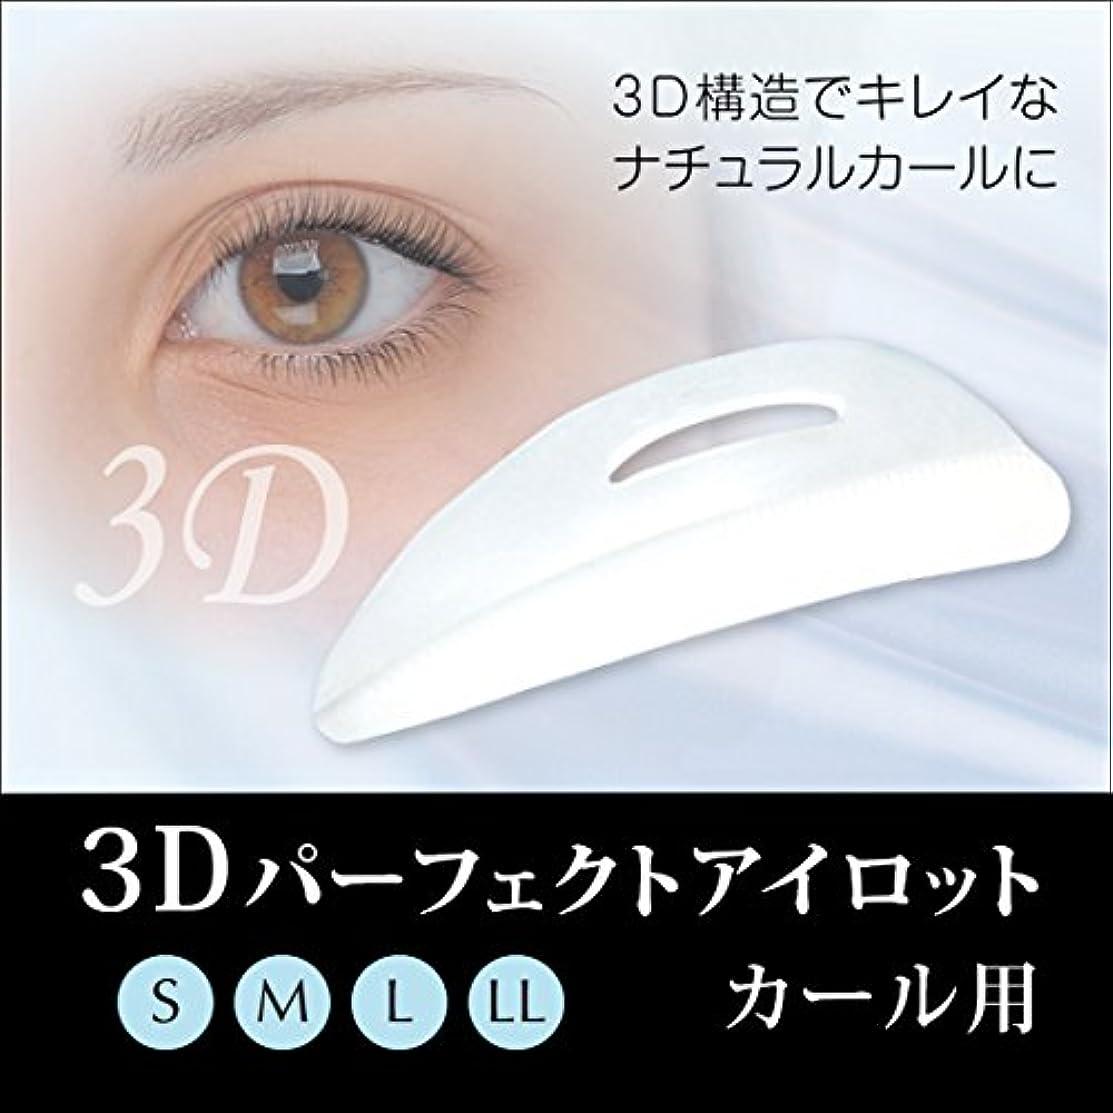 マインドフル大脳狂気3Dパーフェクトアイロット カール用 (4サイズセット)